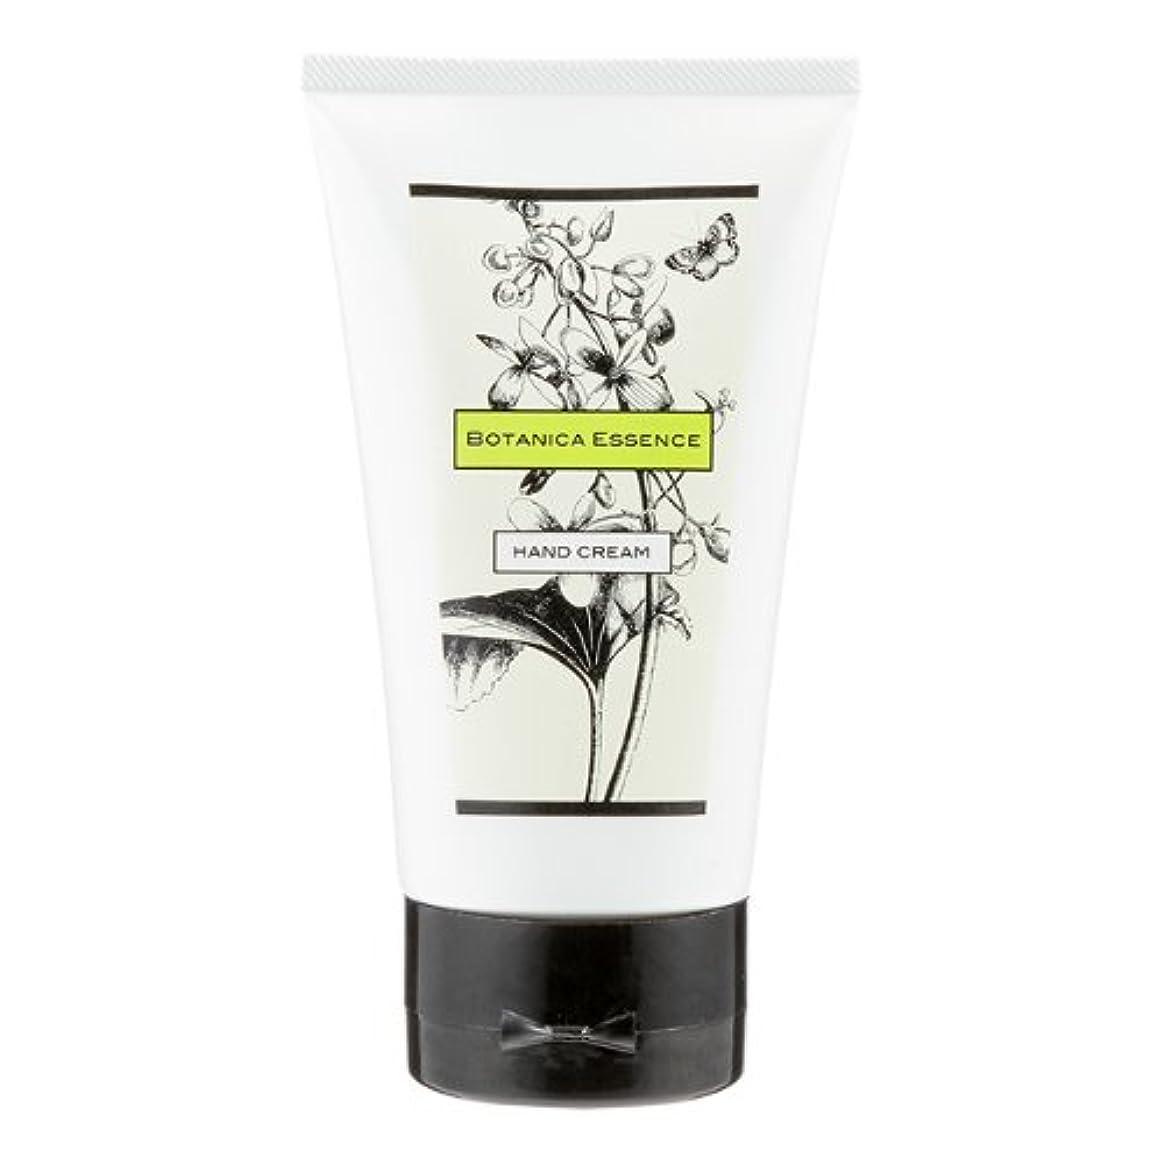 出血承認汚染するネイチャータッチ (Nature Touch) BOTANICA ハンドクリーム165g/ボタニカ